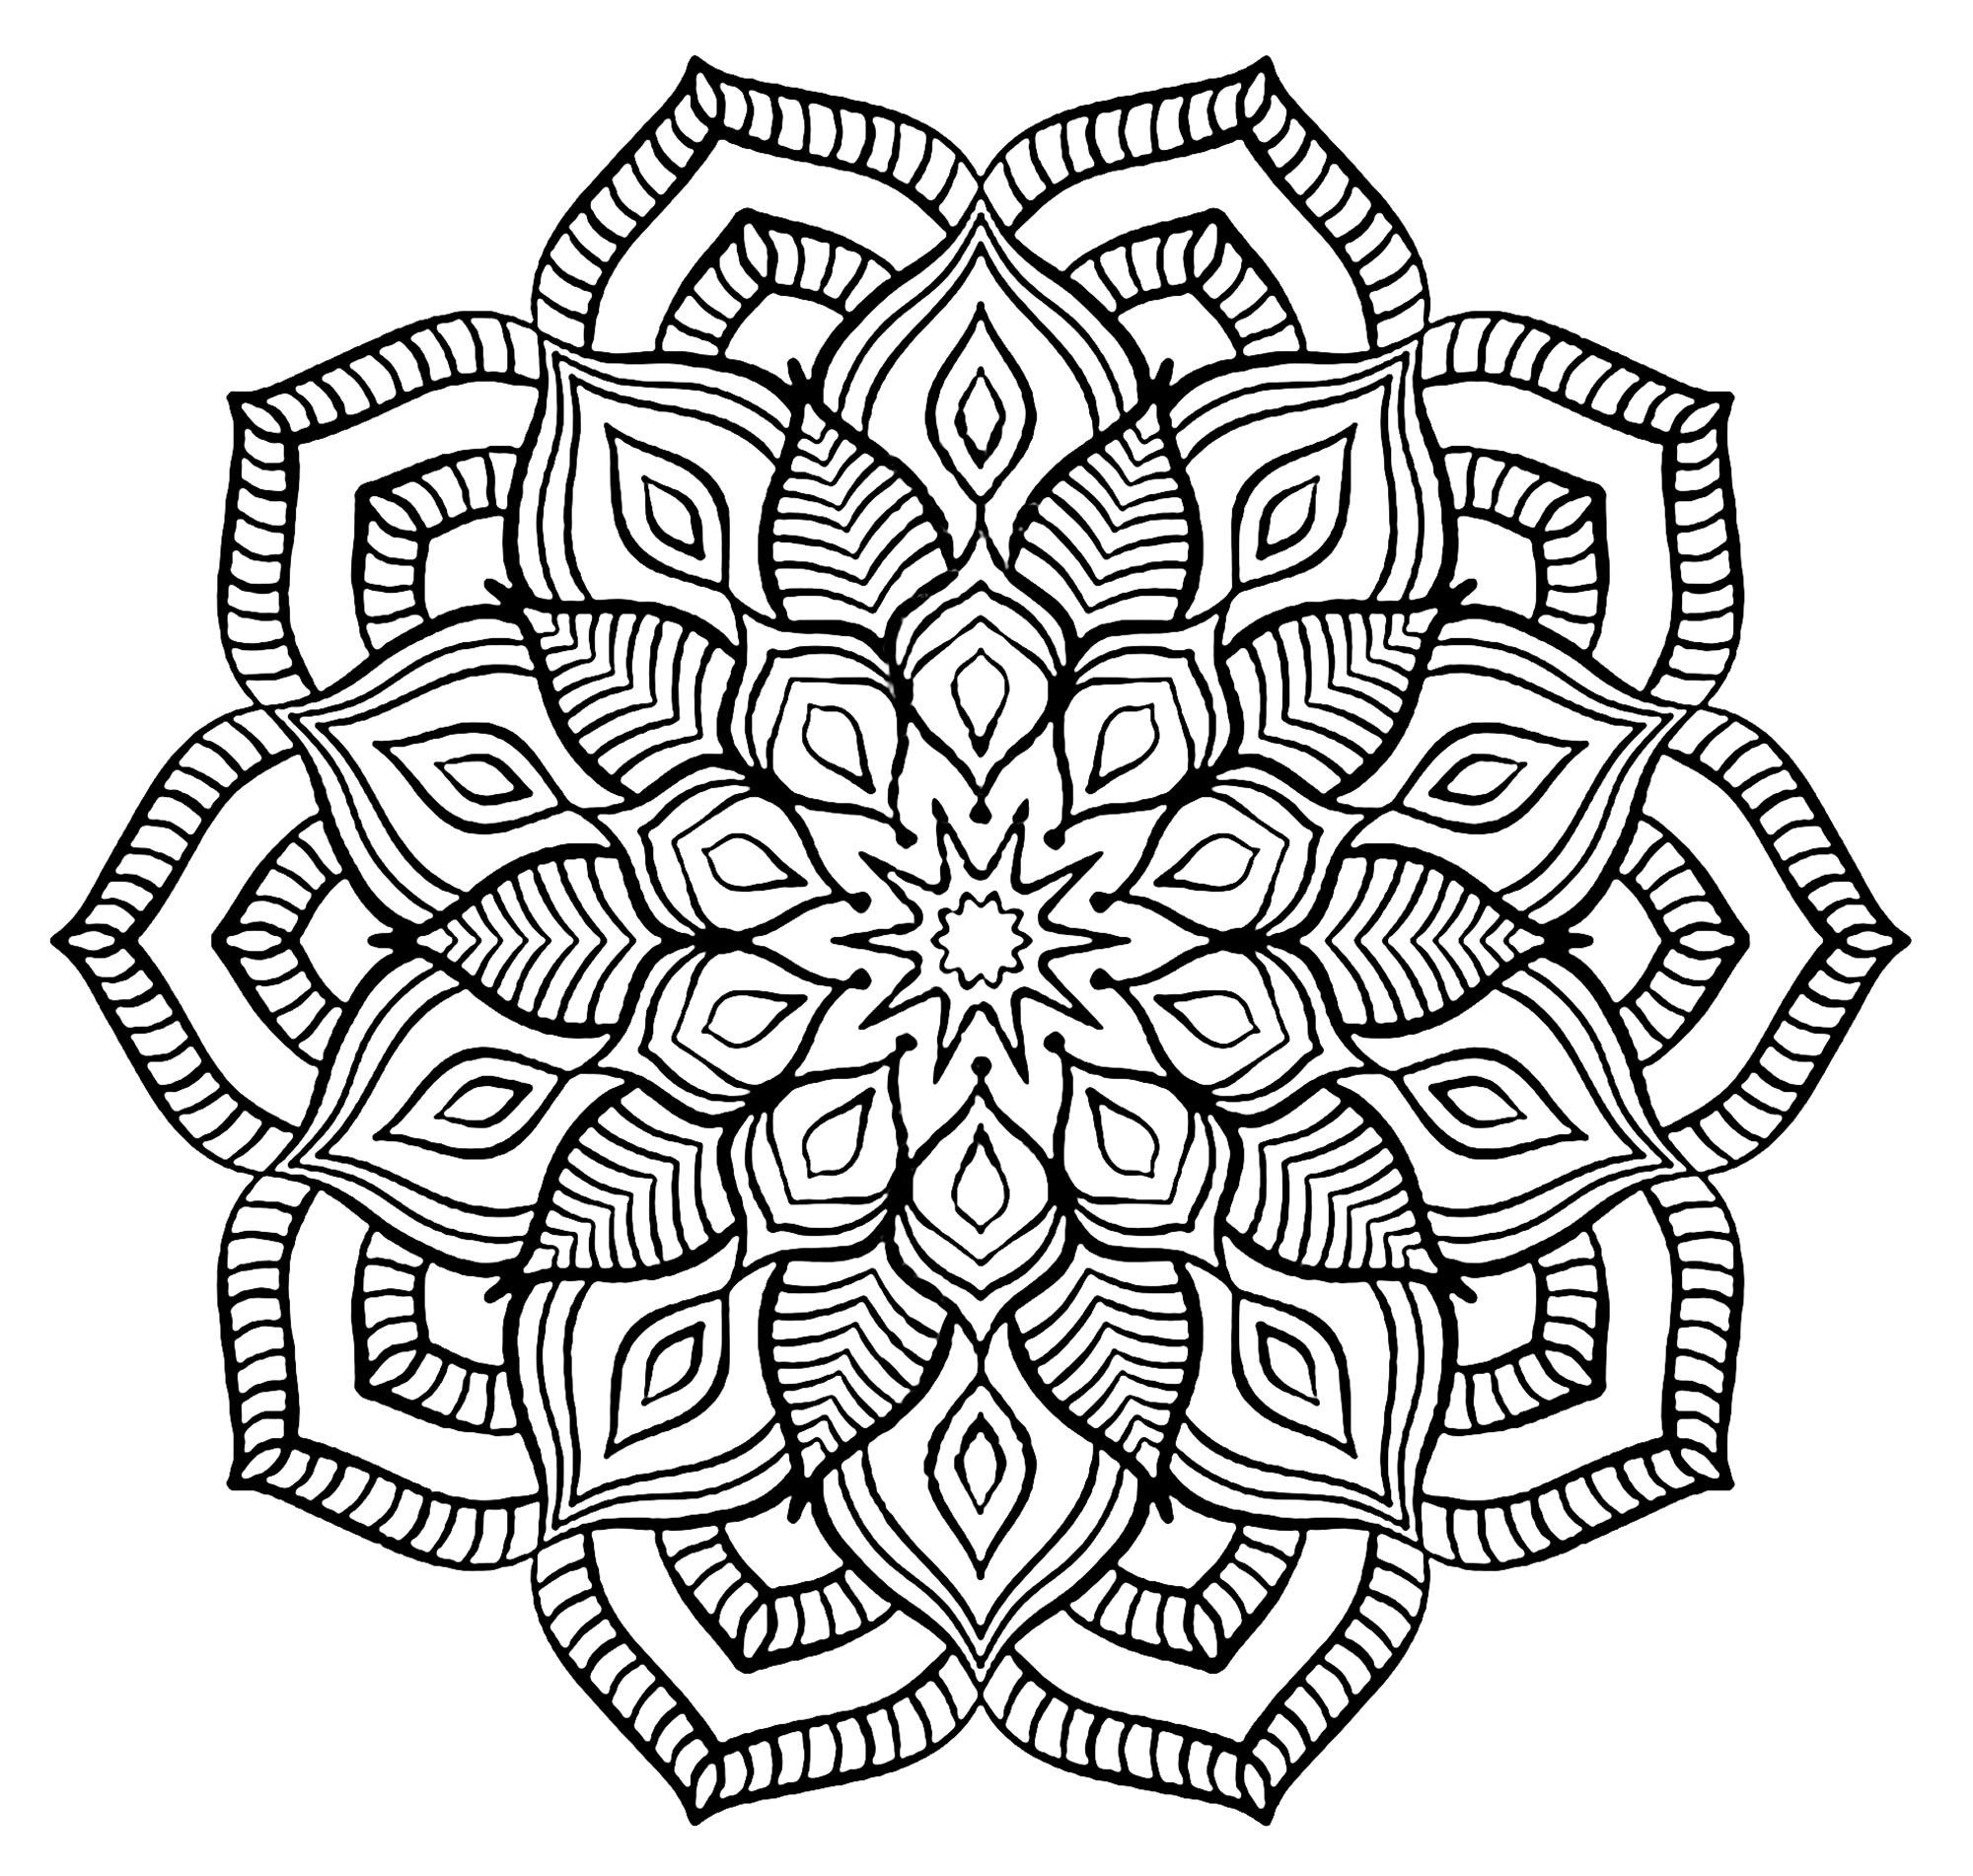 Mandala Grosse Fleur Coloriage Mandalas Coloriages Pour Enfants